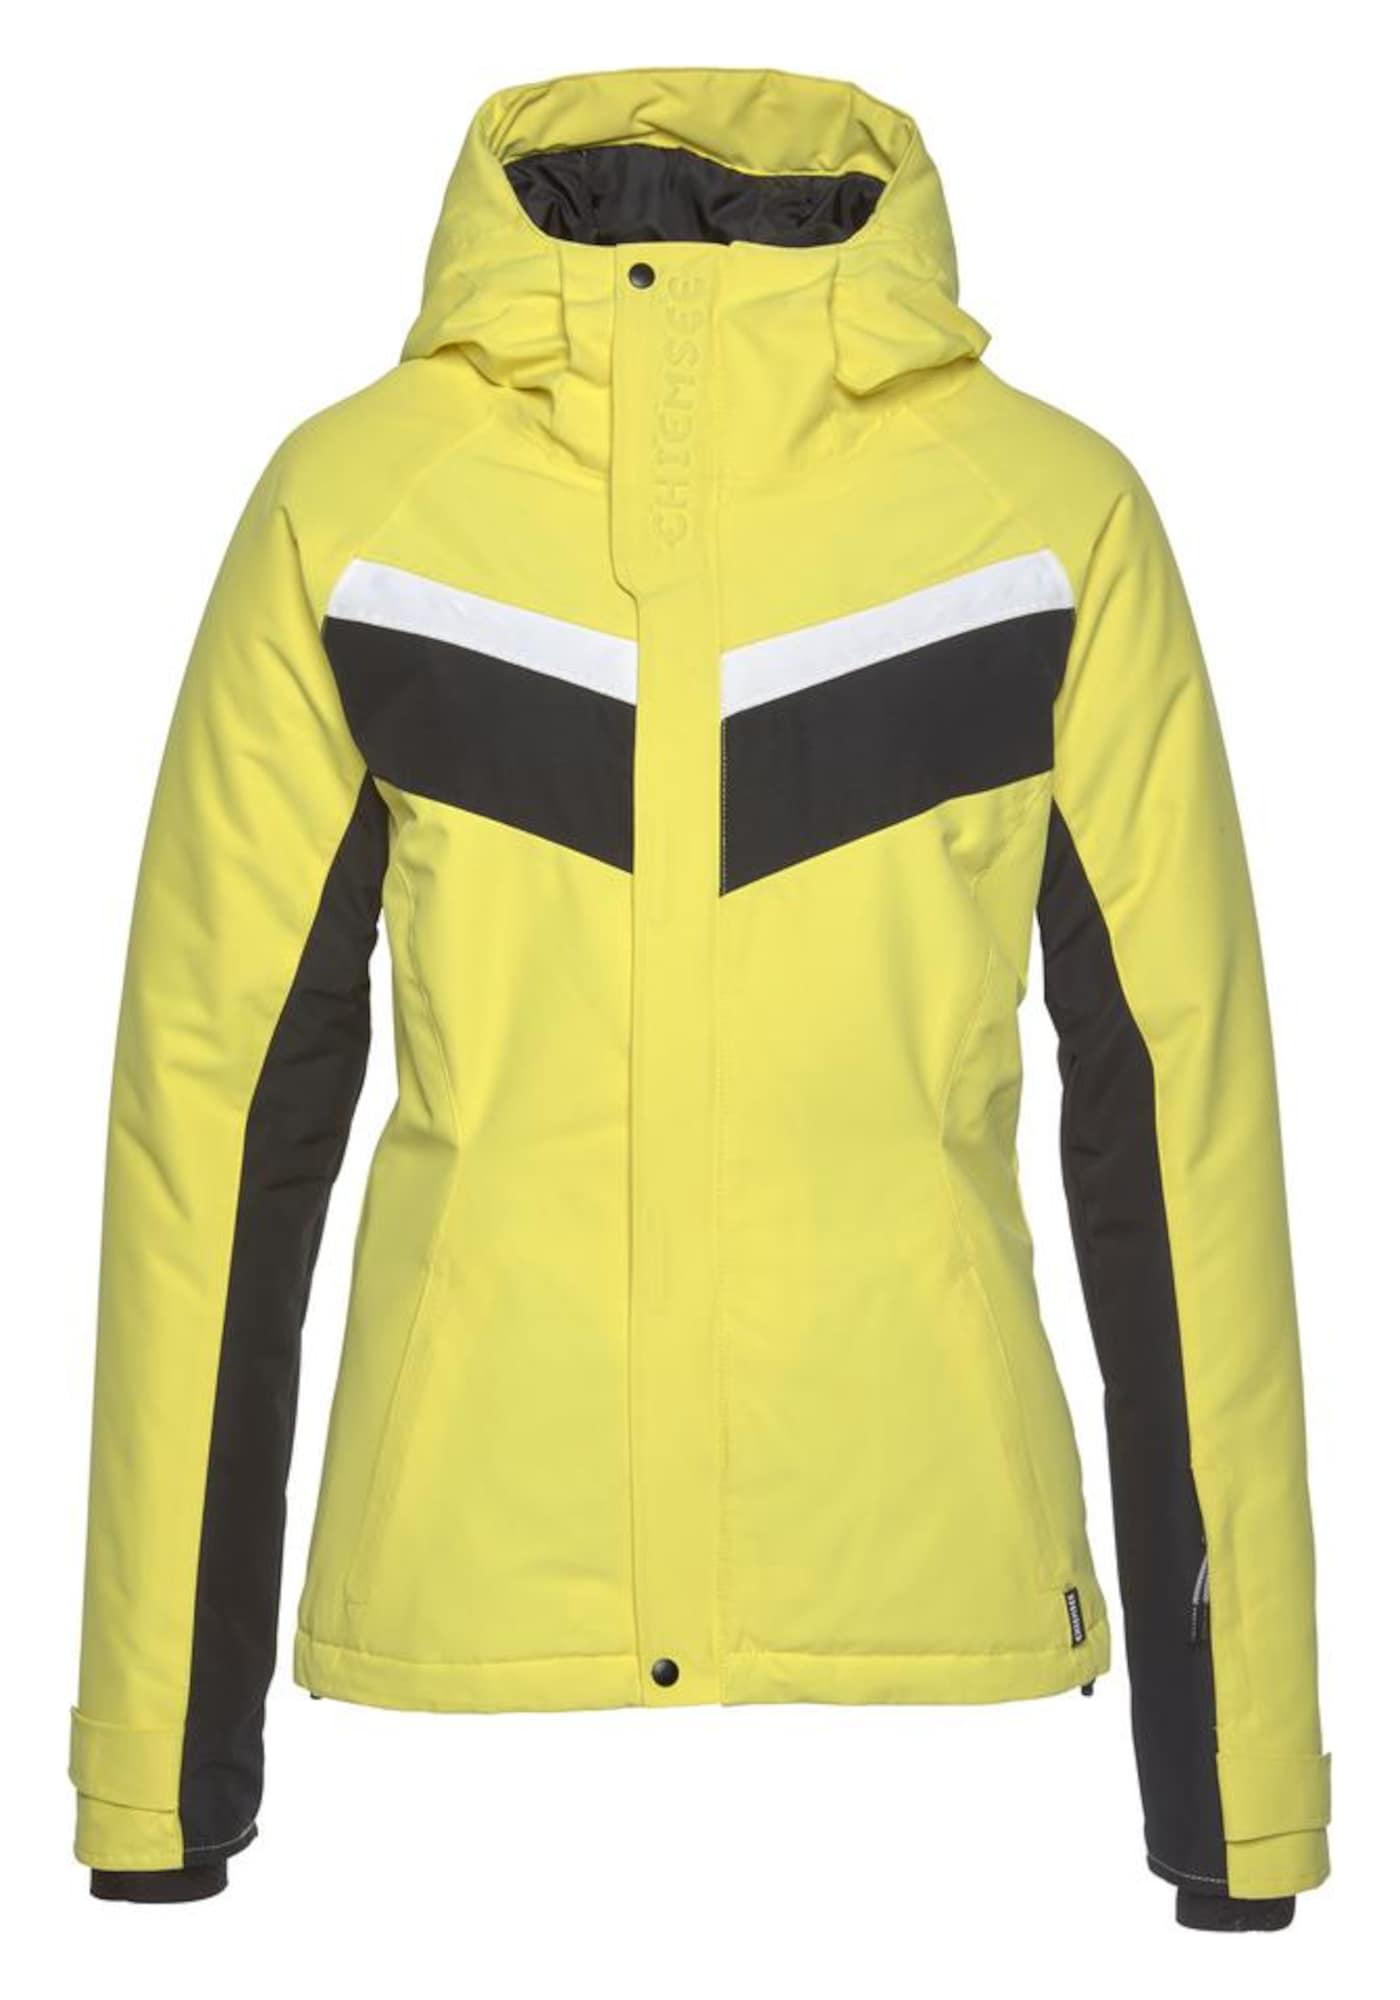 CHIEMSEE Laisvalaikio striukė geltona / juoda / balta